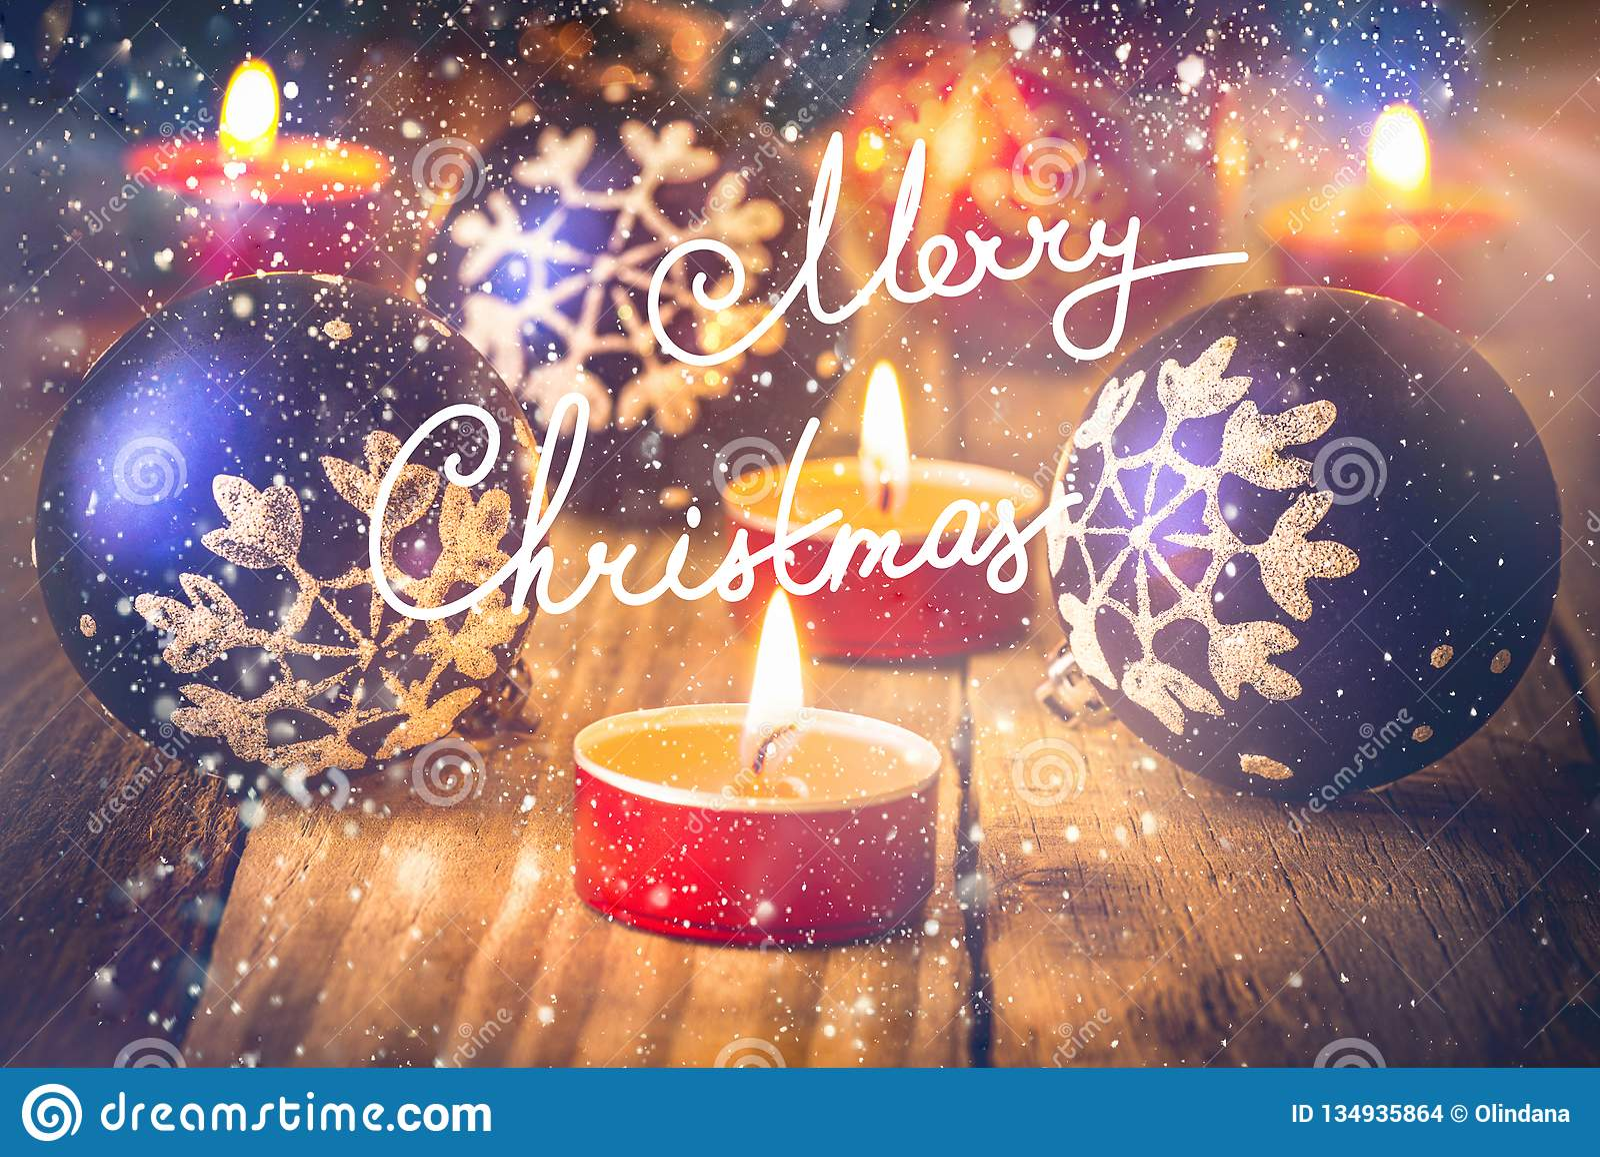 Kortjul som greeting Ljusa röda blåa bollar med snöflingan smyckar tända stearinljus på gammal träbakgrund Handbokstäver